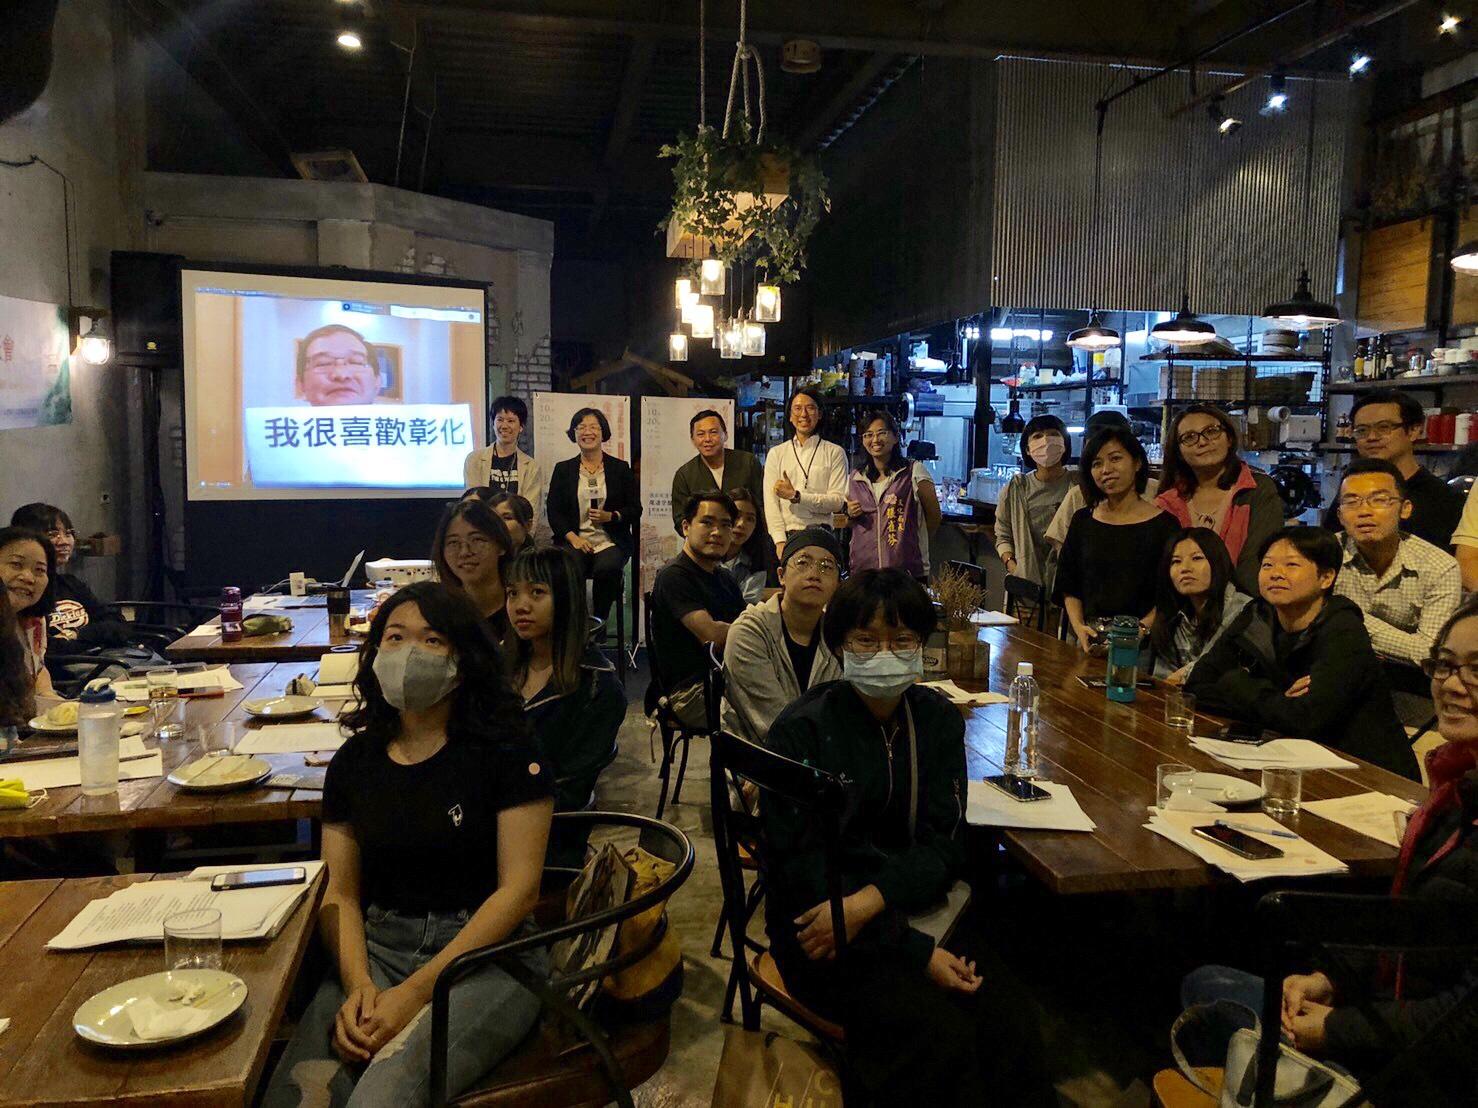 彰化縣產業進駐老屋媒合平台交流茶會 鼓勵青年返鄉創業 媒合青年創業團隊及老屋屋主